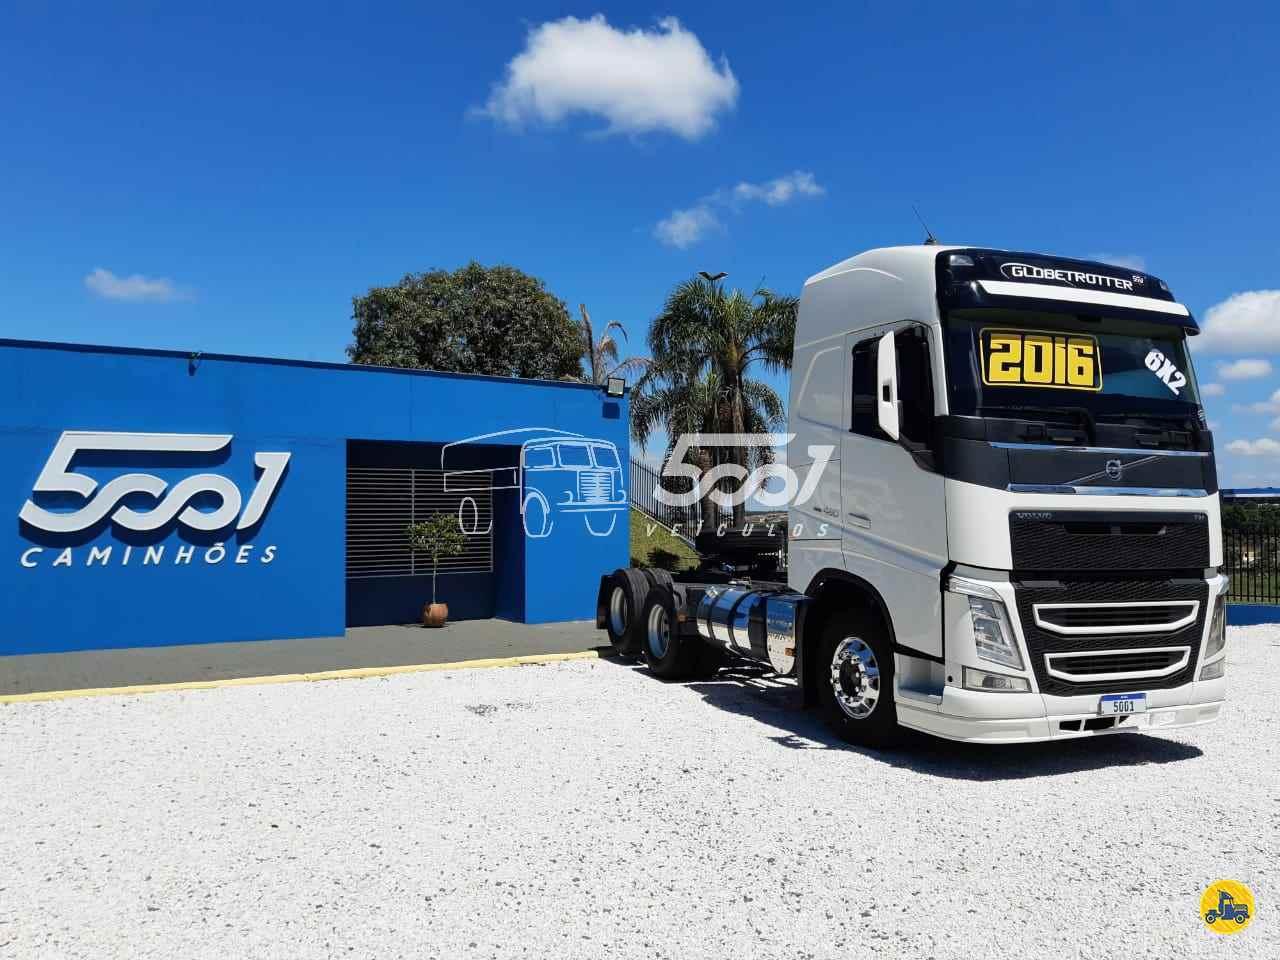 CAMINHAO VOLVO VOLVO FH 460 Cavalo Mecânico Truck 6x2 5001 Veículos - Ponta Grossa PONTA GROSSA PARANÁ PR